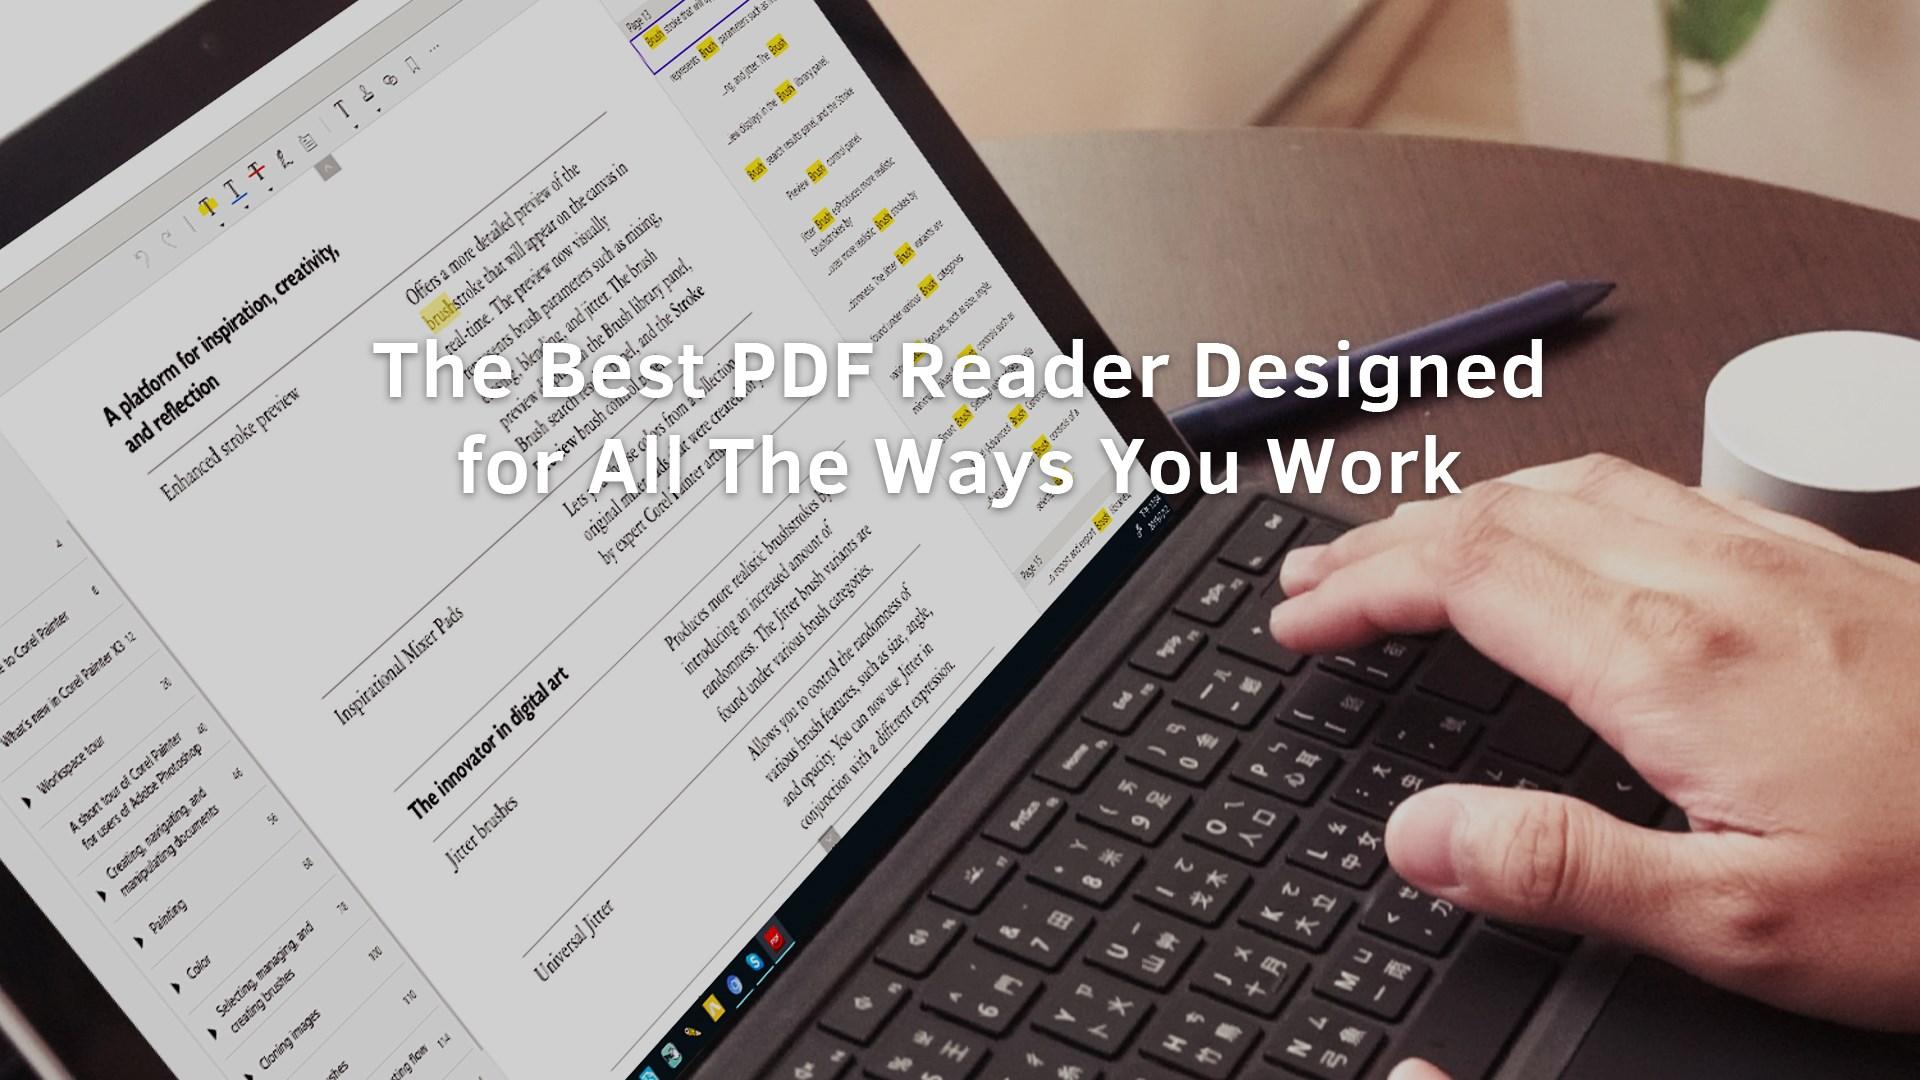 adobe acrobat pdf reader free download for windows 10 64 bit